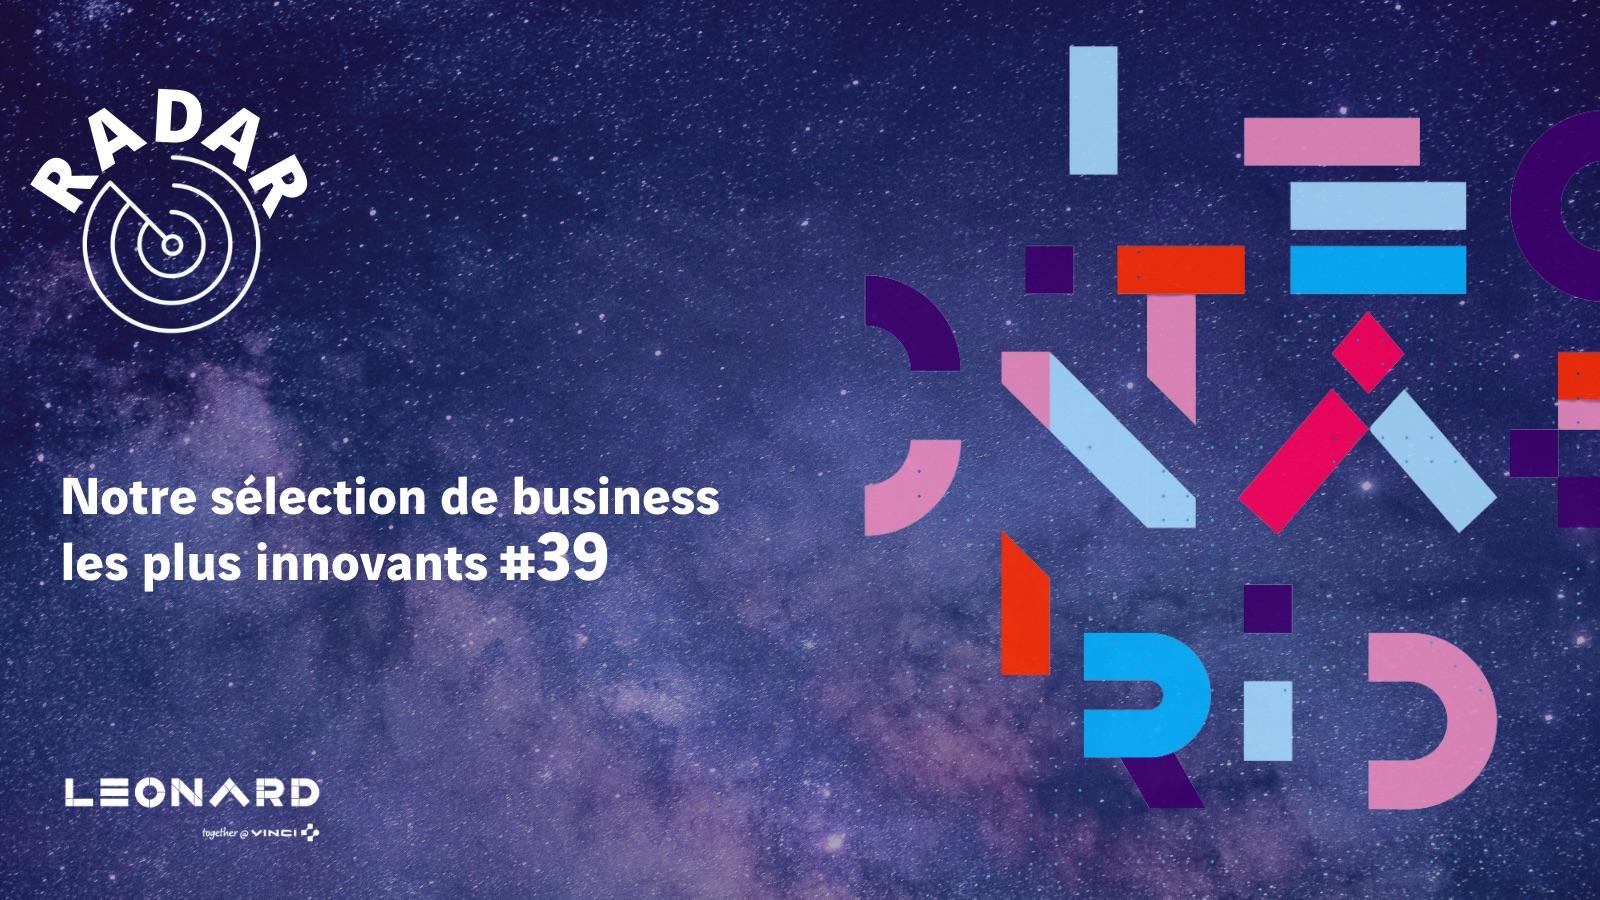 Radar – Notre sélection de business innovants #39